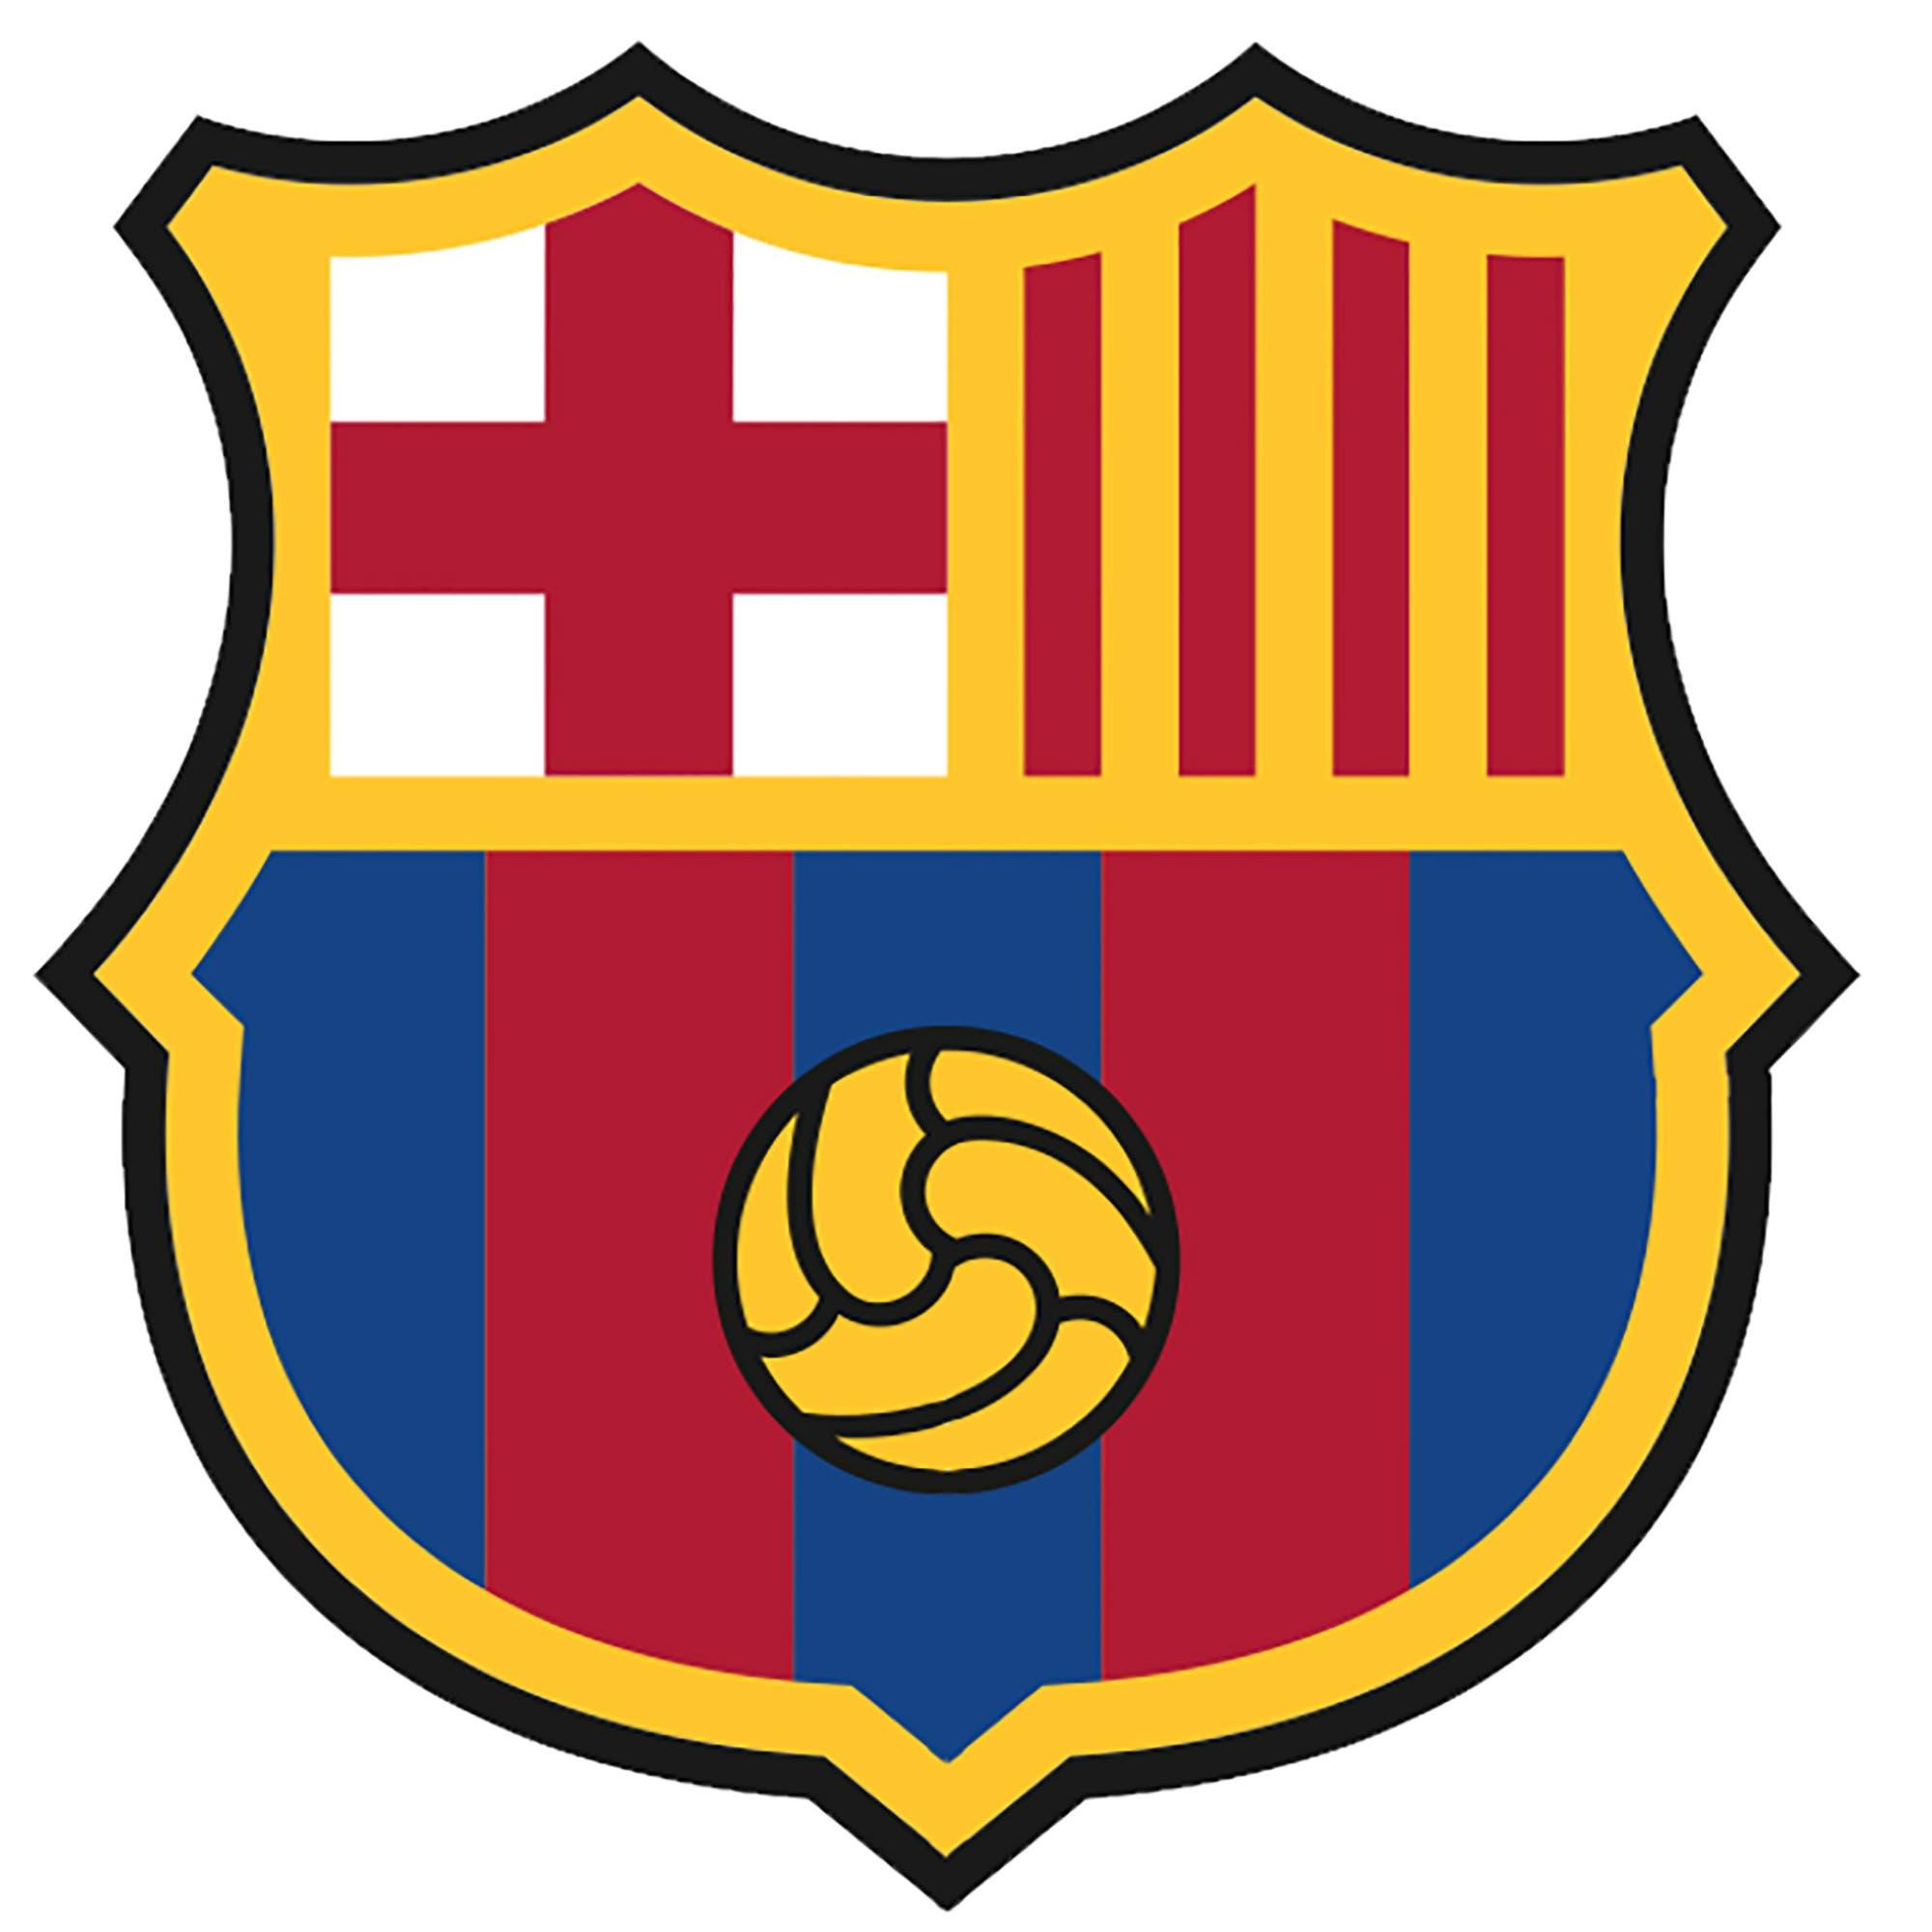 Barcelona renovará su escudo en la próxima temporada: los cambios más destacados